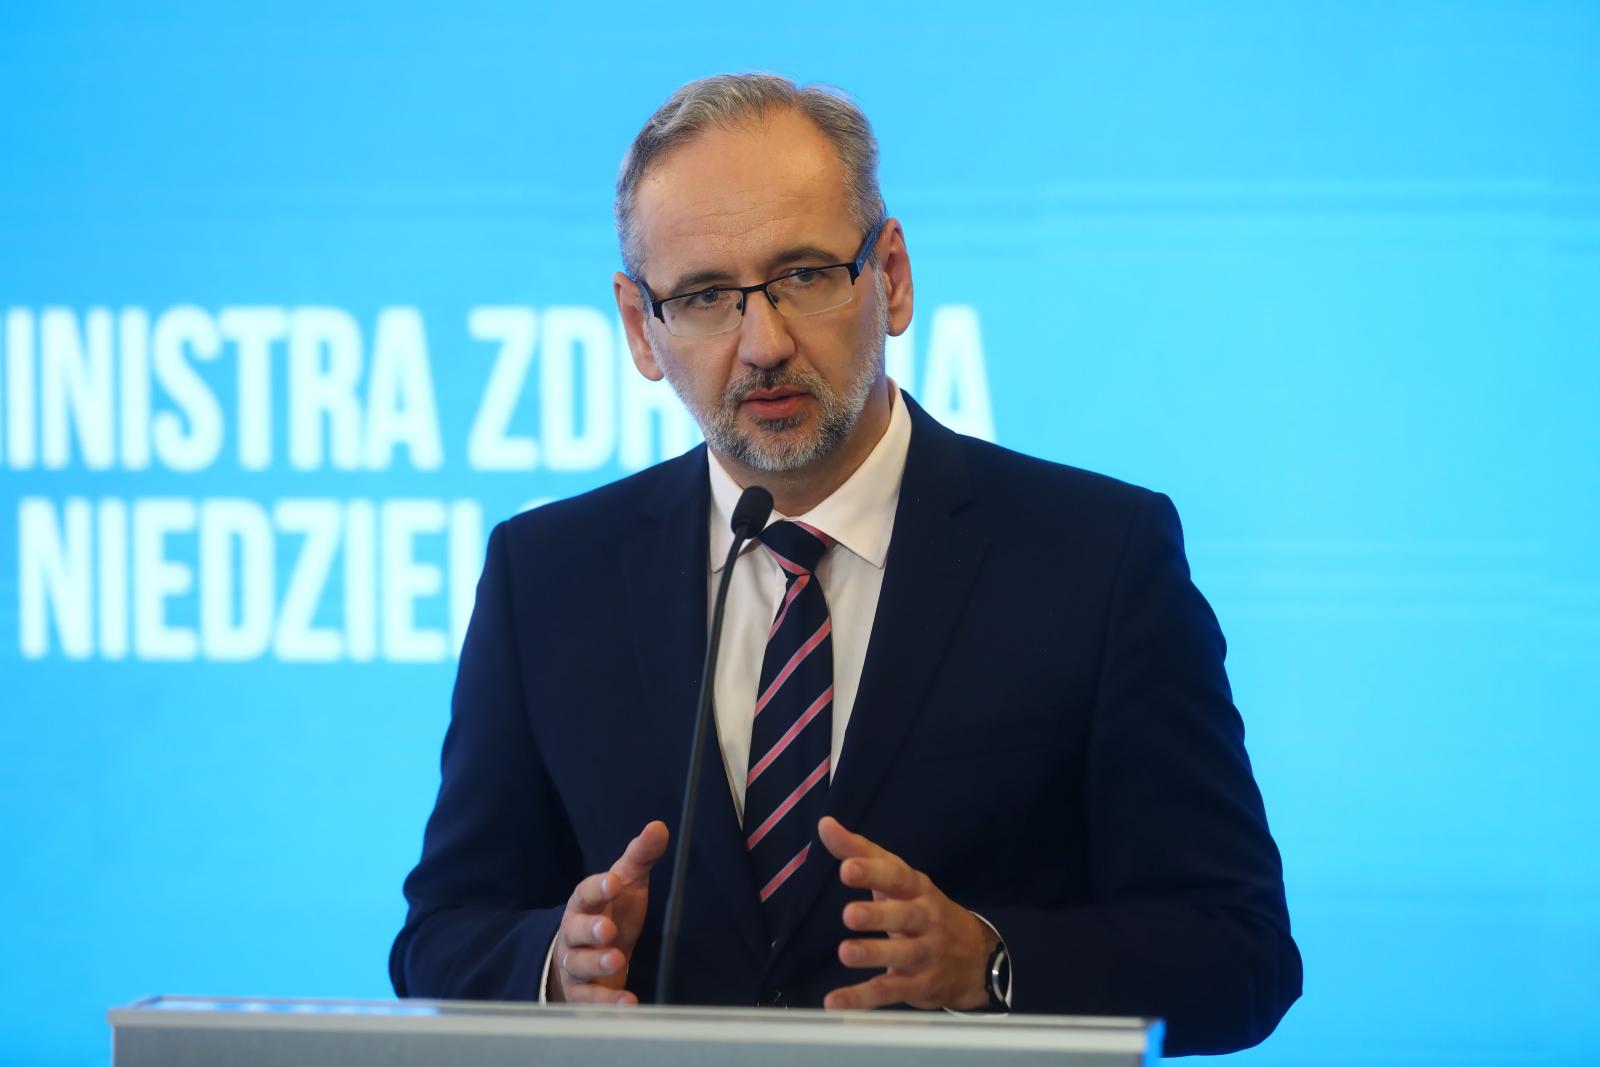 Koronawirus: Nowe obostrzenia, w tym m.in. mniej gości na weselach - GazetaPrawna.pl - biznes, podatki, prawo, finanse, wiadomości, praca -